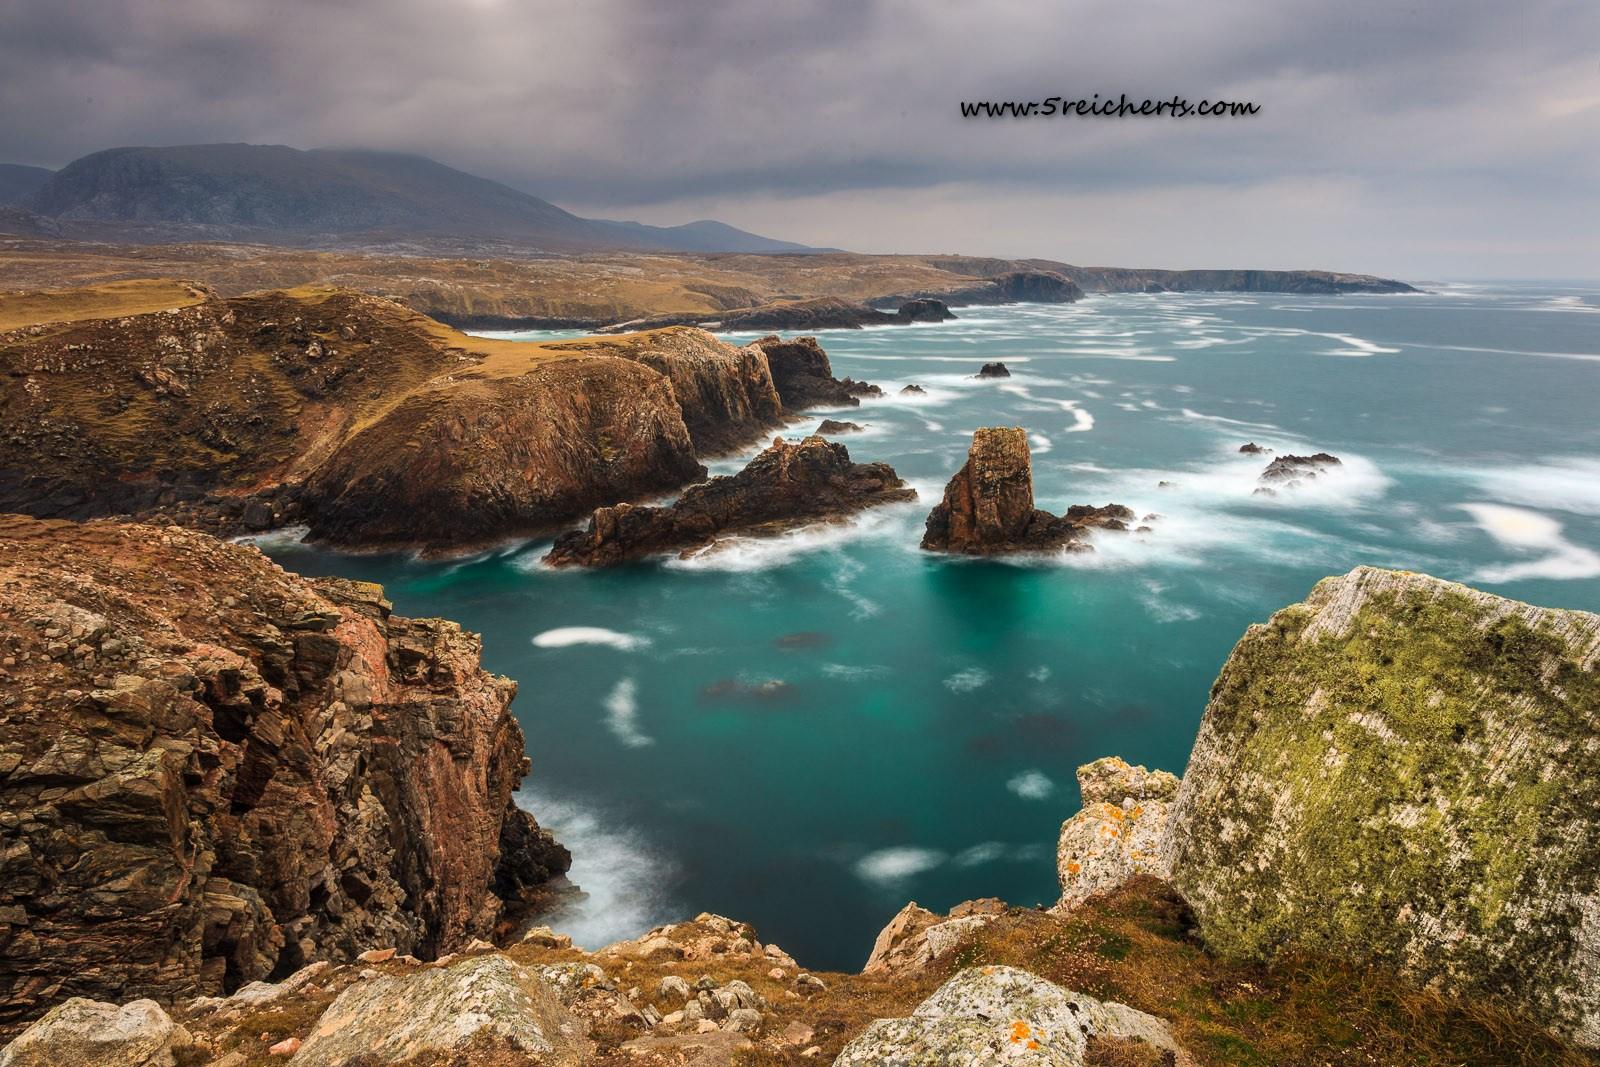 Küste bei Uig, Isle of Lewis, Schottland